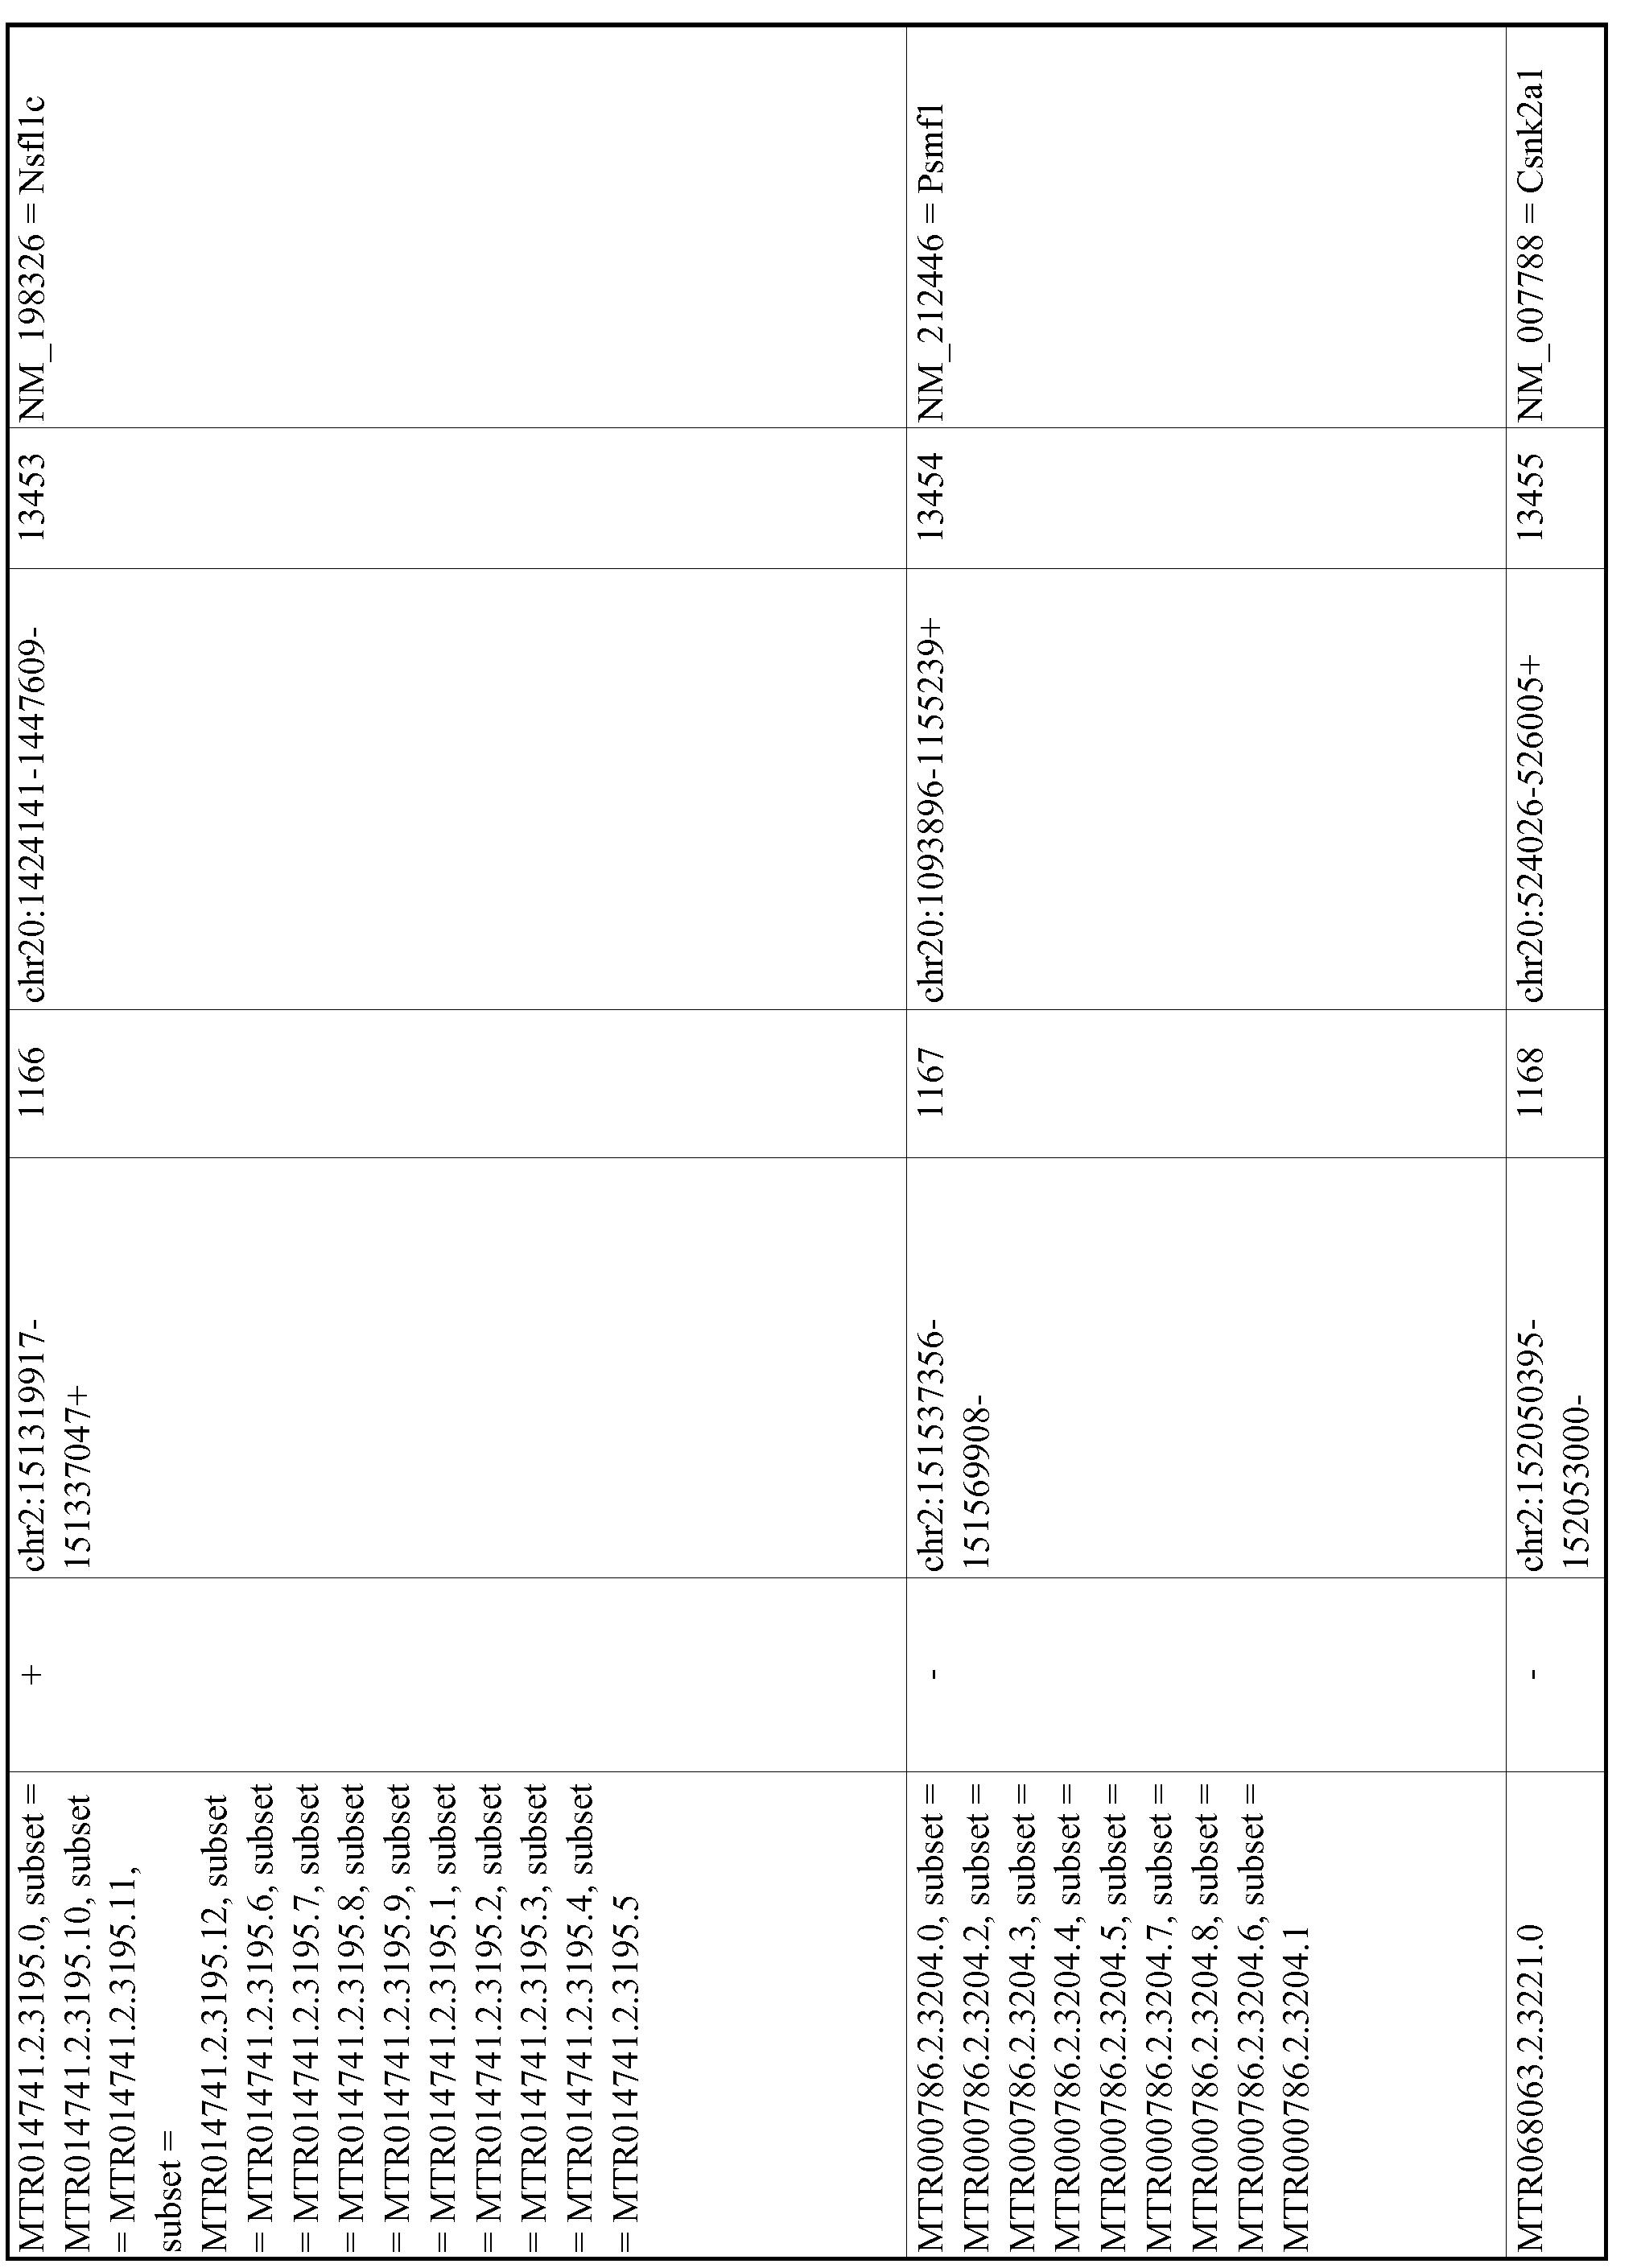 Figure imgf000335_0001